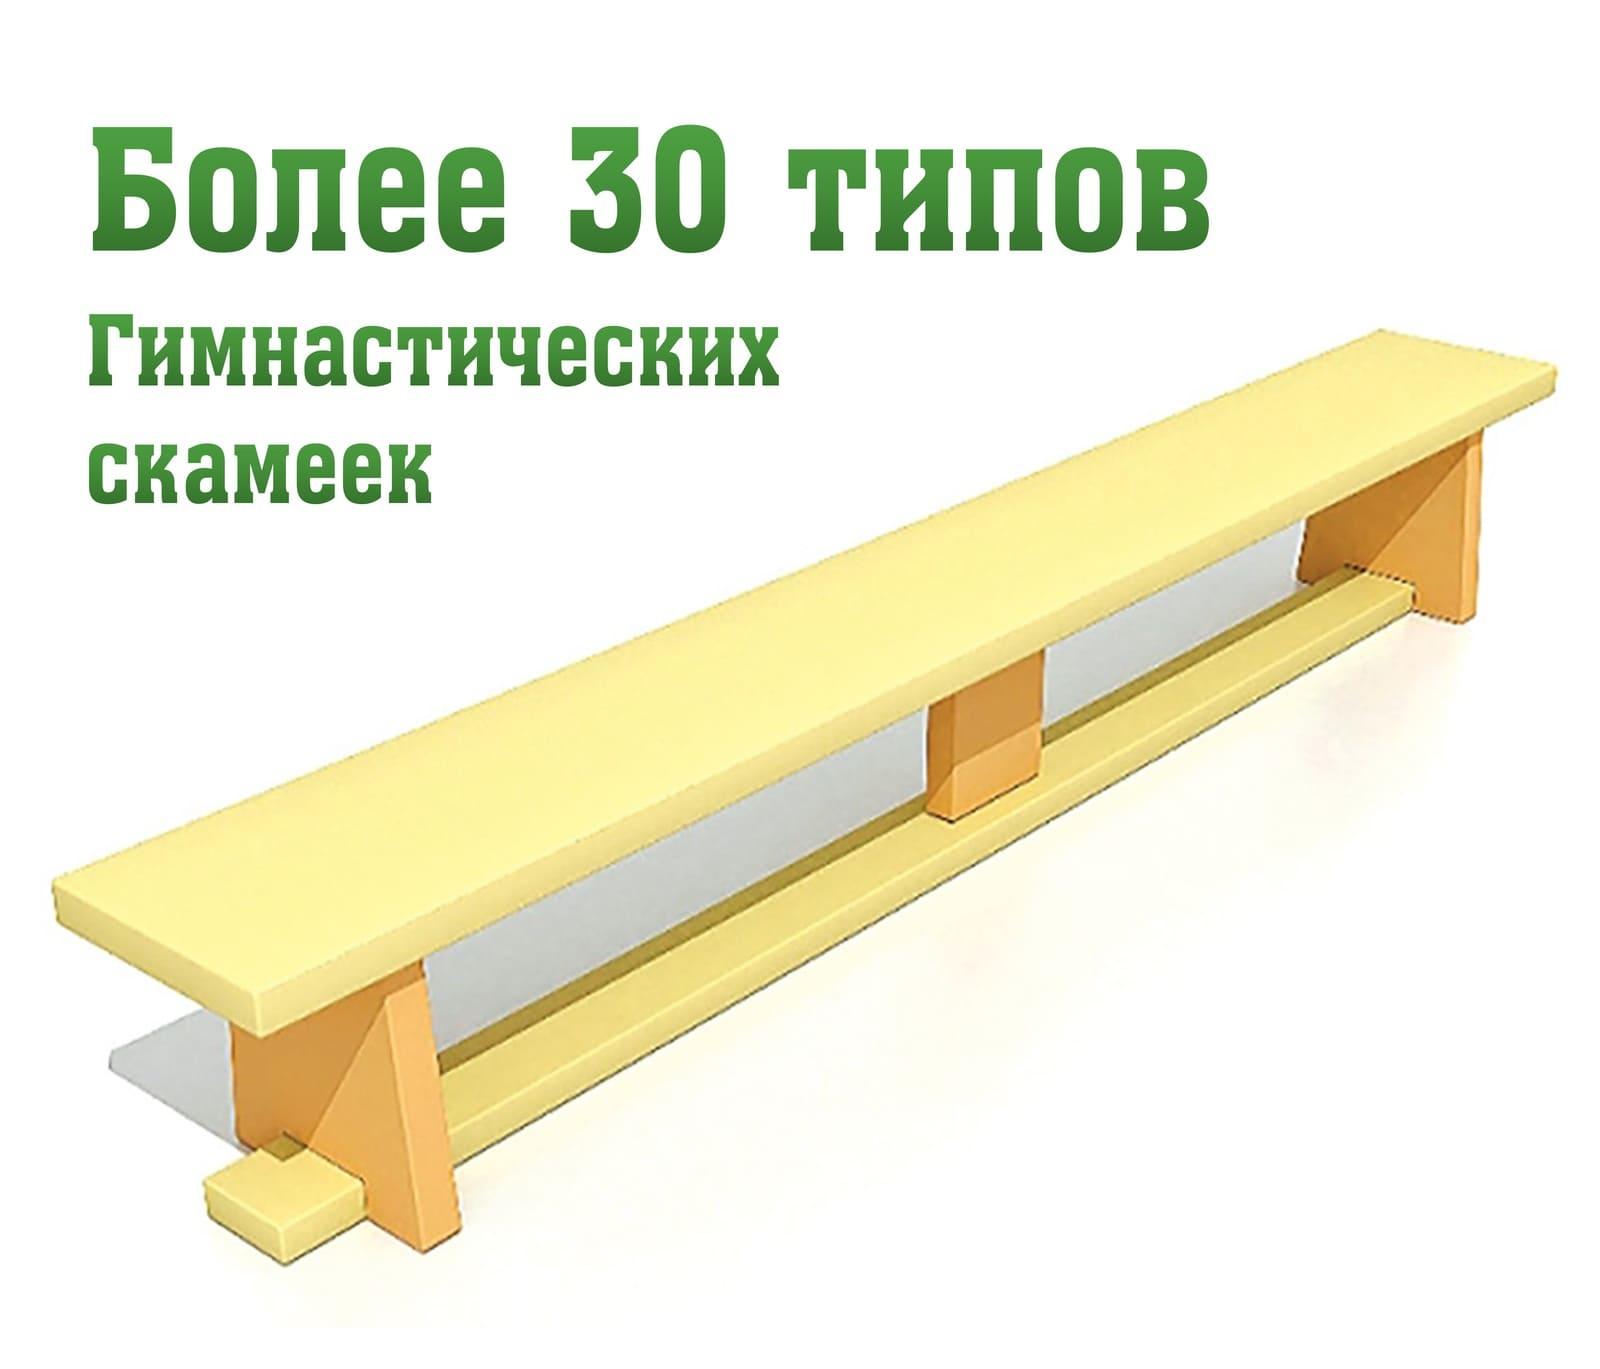 Более 30 типов скамеек фото